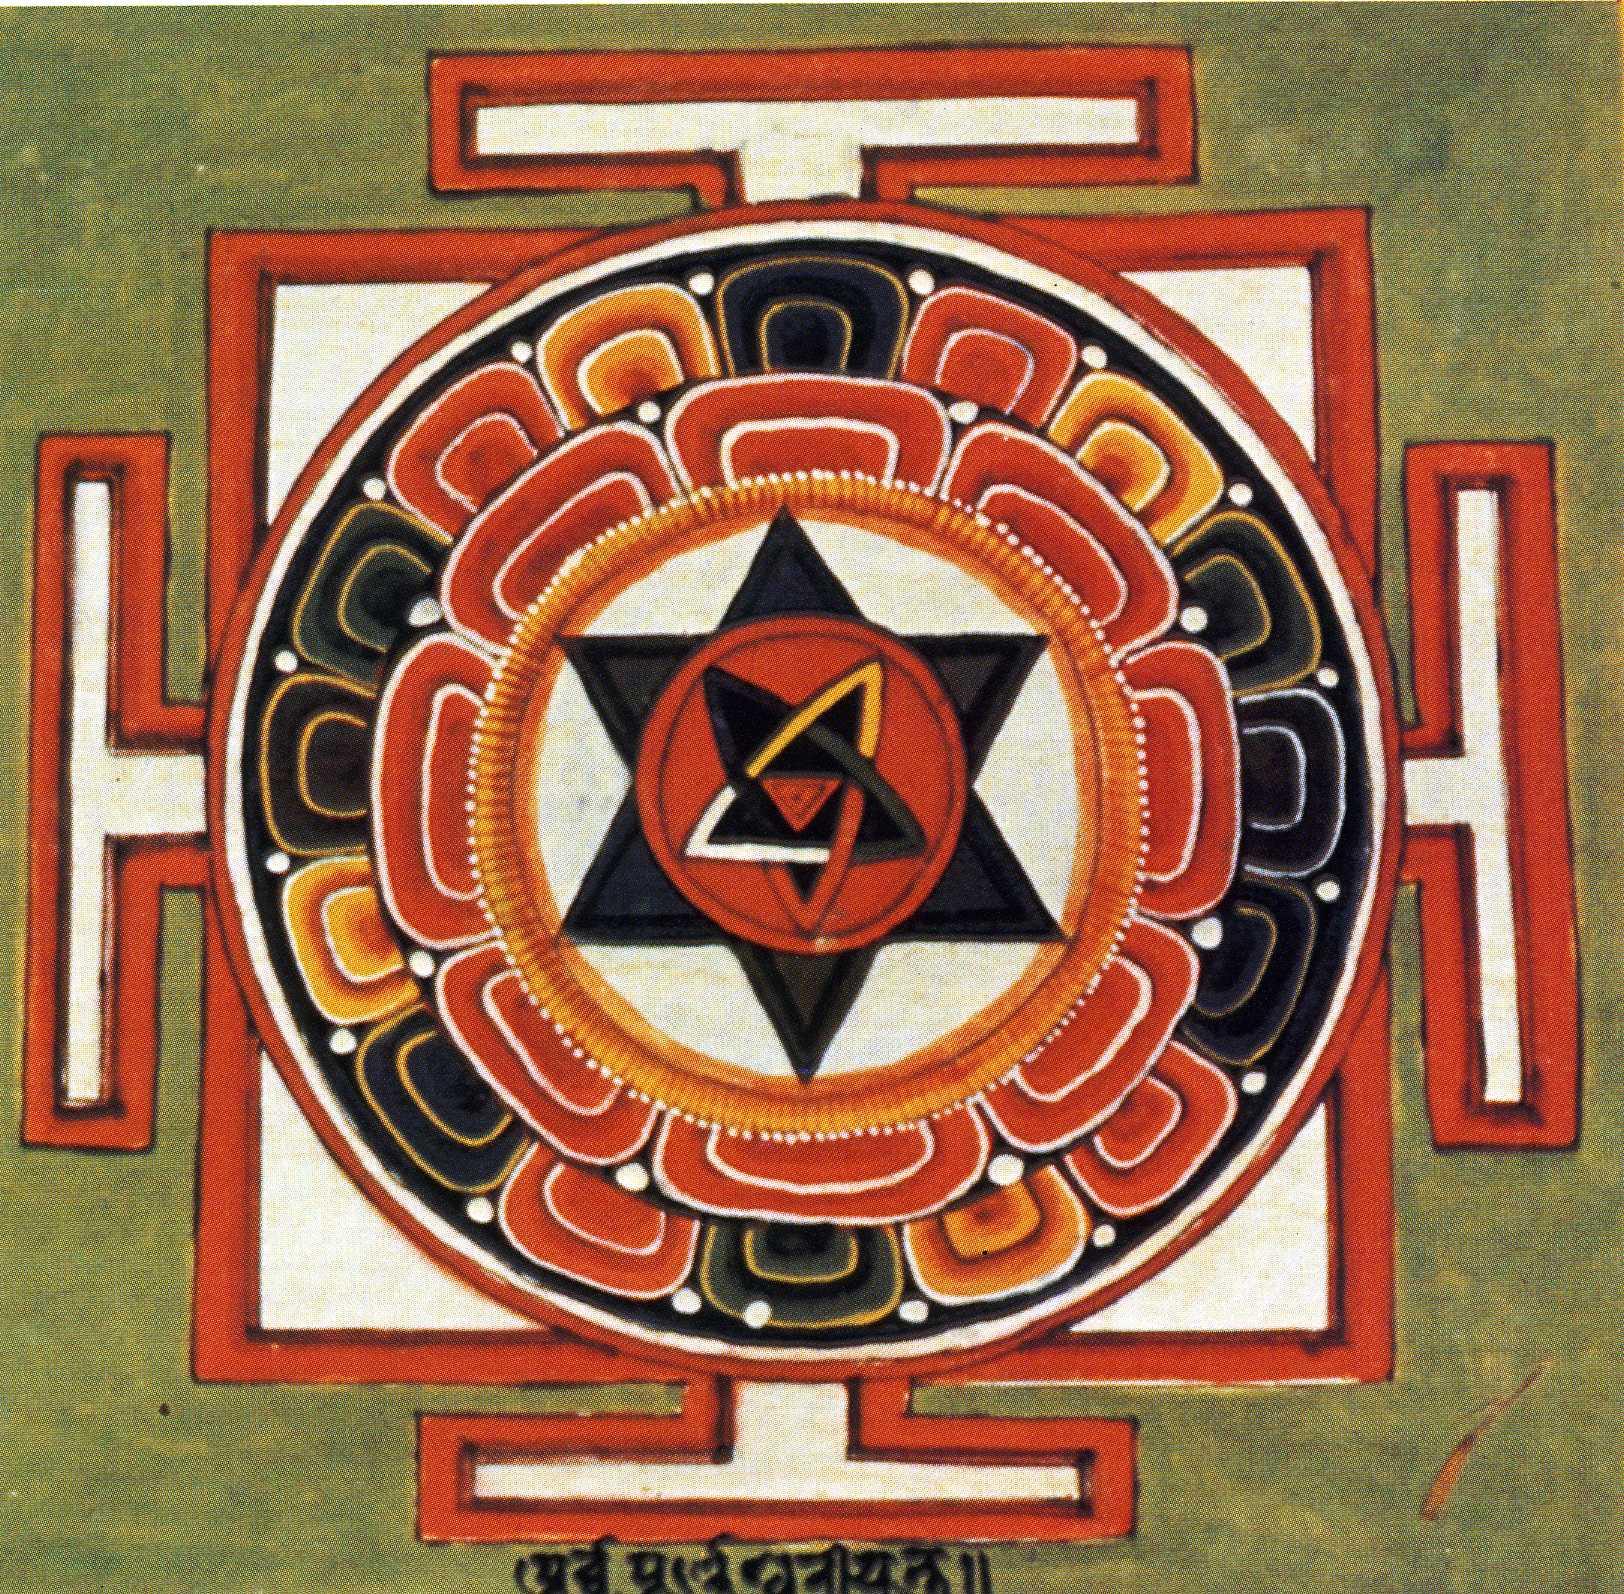 Богиня кали: кто она, ее изображение и глубокий символизм